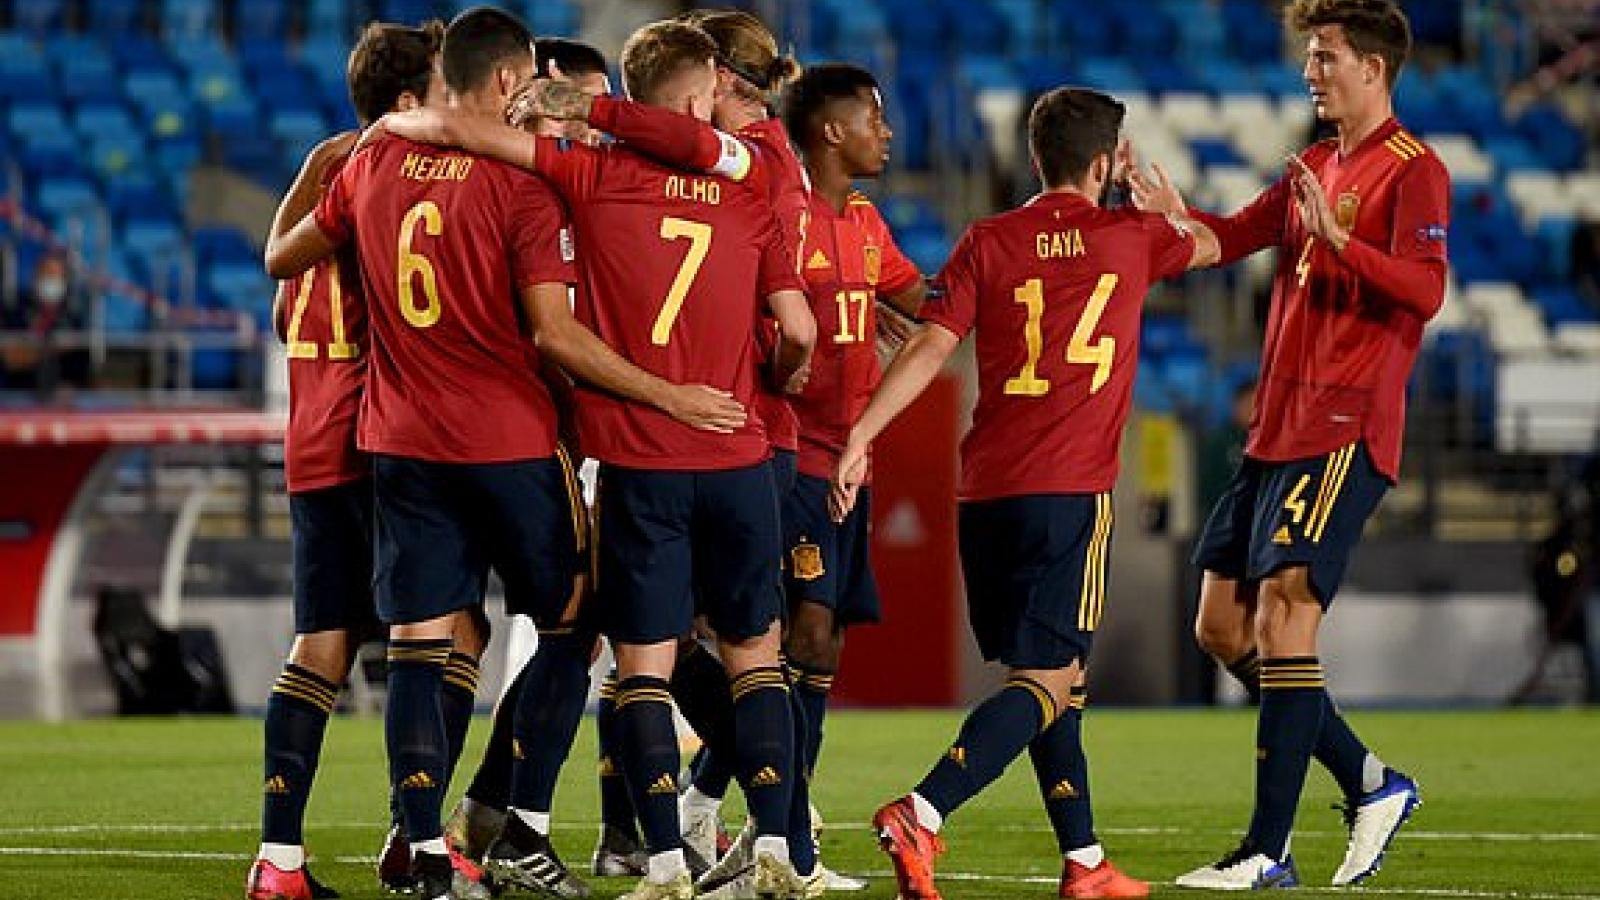 Giành thắng lợi tối thiểu trước Thụy Sĩ, Tây Ban Nha củng cố ngôi đầu bảng A4